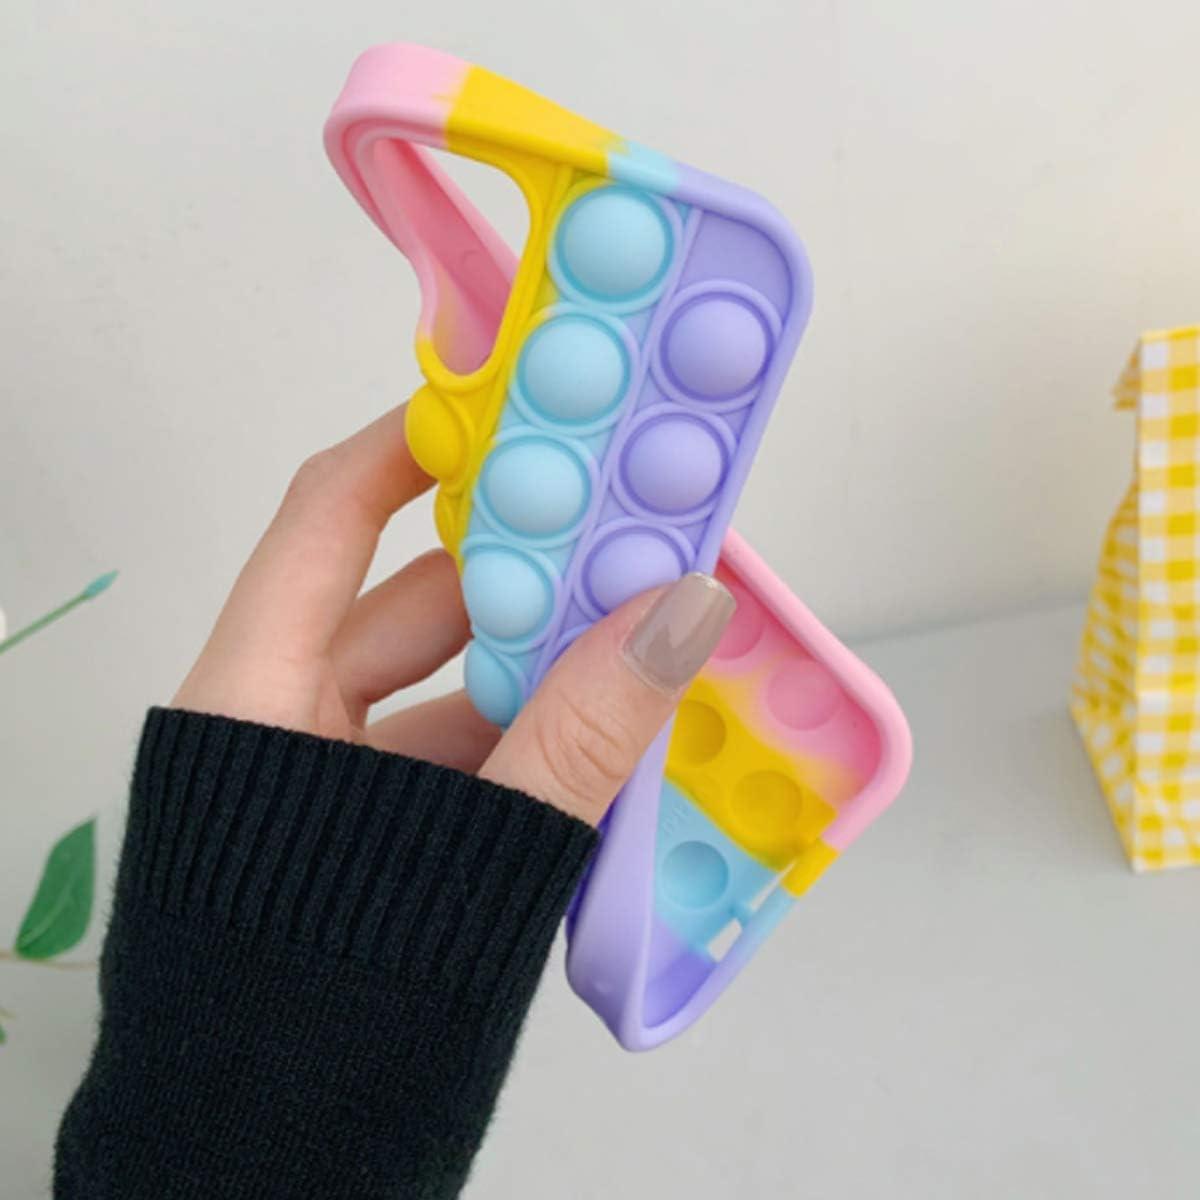 iPhoneXR, Multicolor Fidget Toys Phone Case,Push Pop Bubble Protecive Case for iPhone7,8,7P,8P,X,XS,XS Max,XR,11,11pro,12,12Pro,12Pro Max